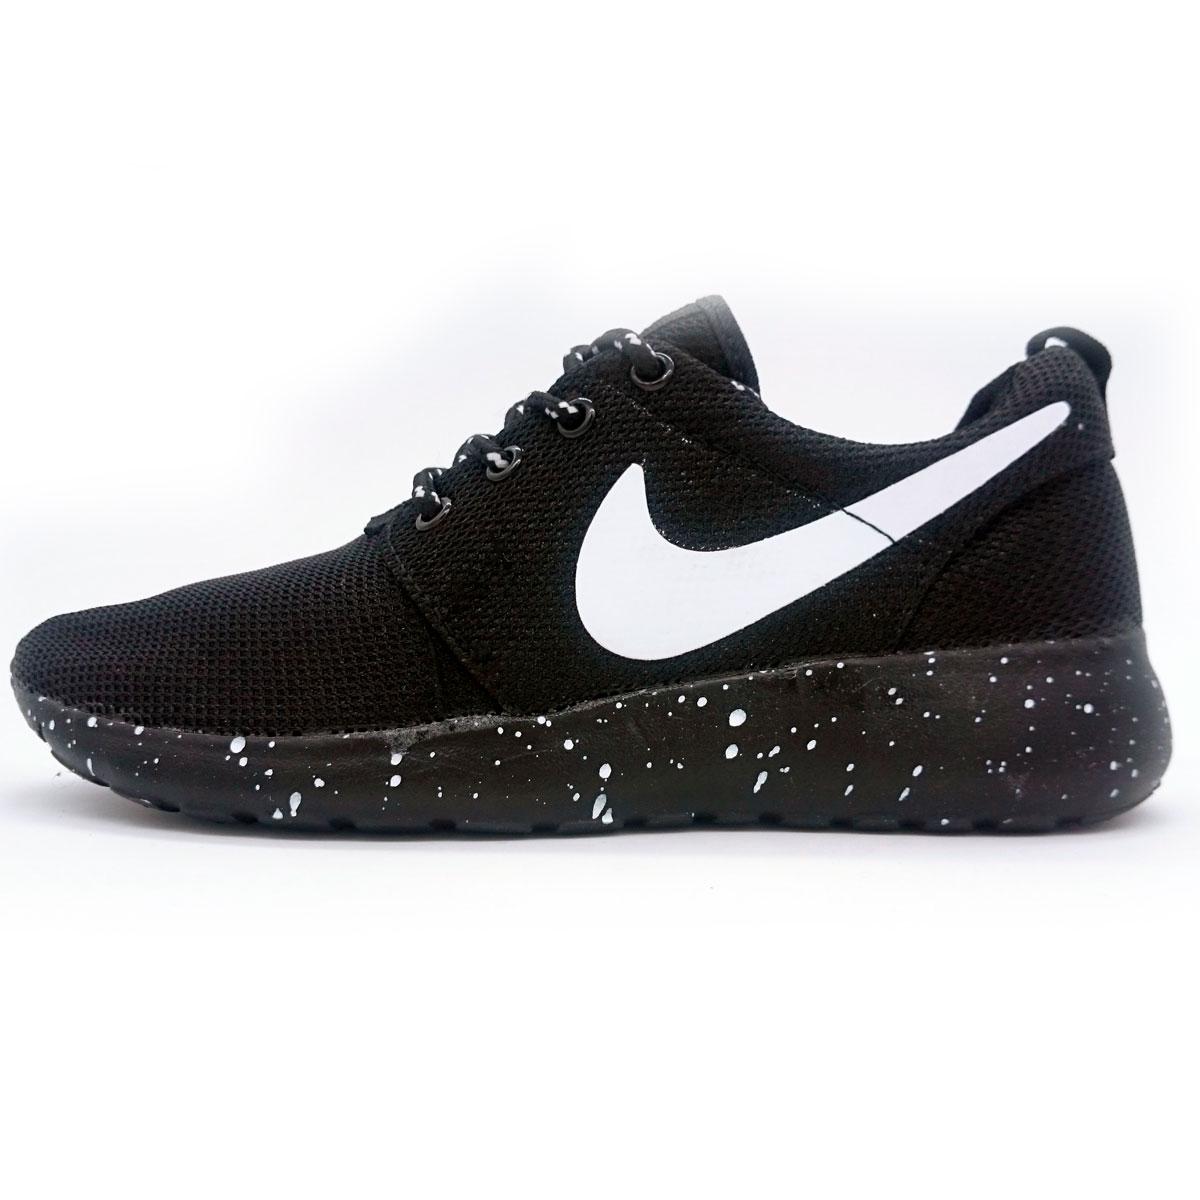 фото main Nike Roshe Run черная подошва в крапинку main